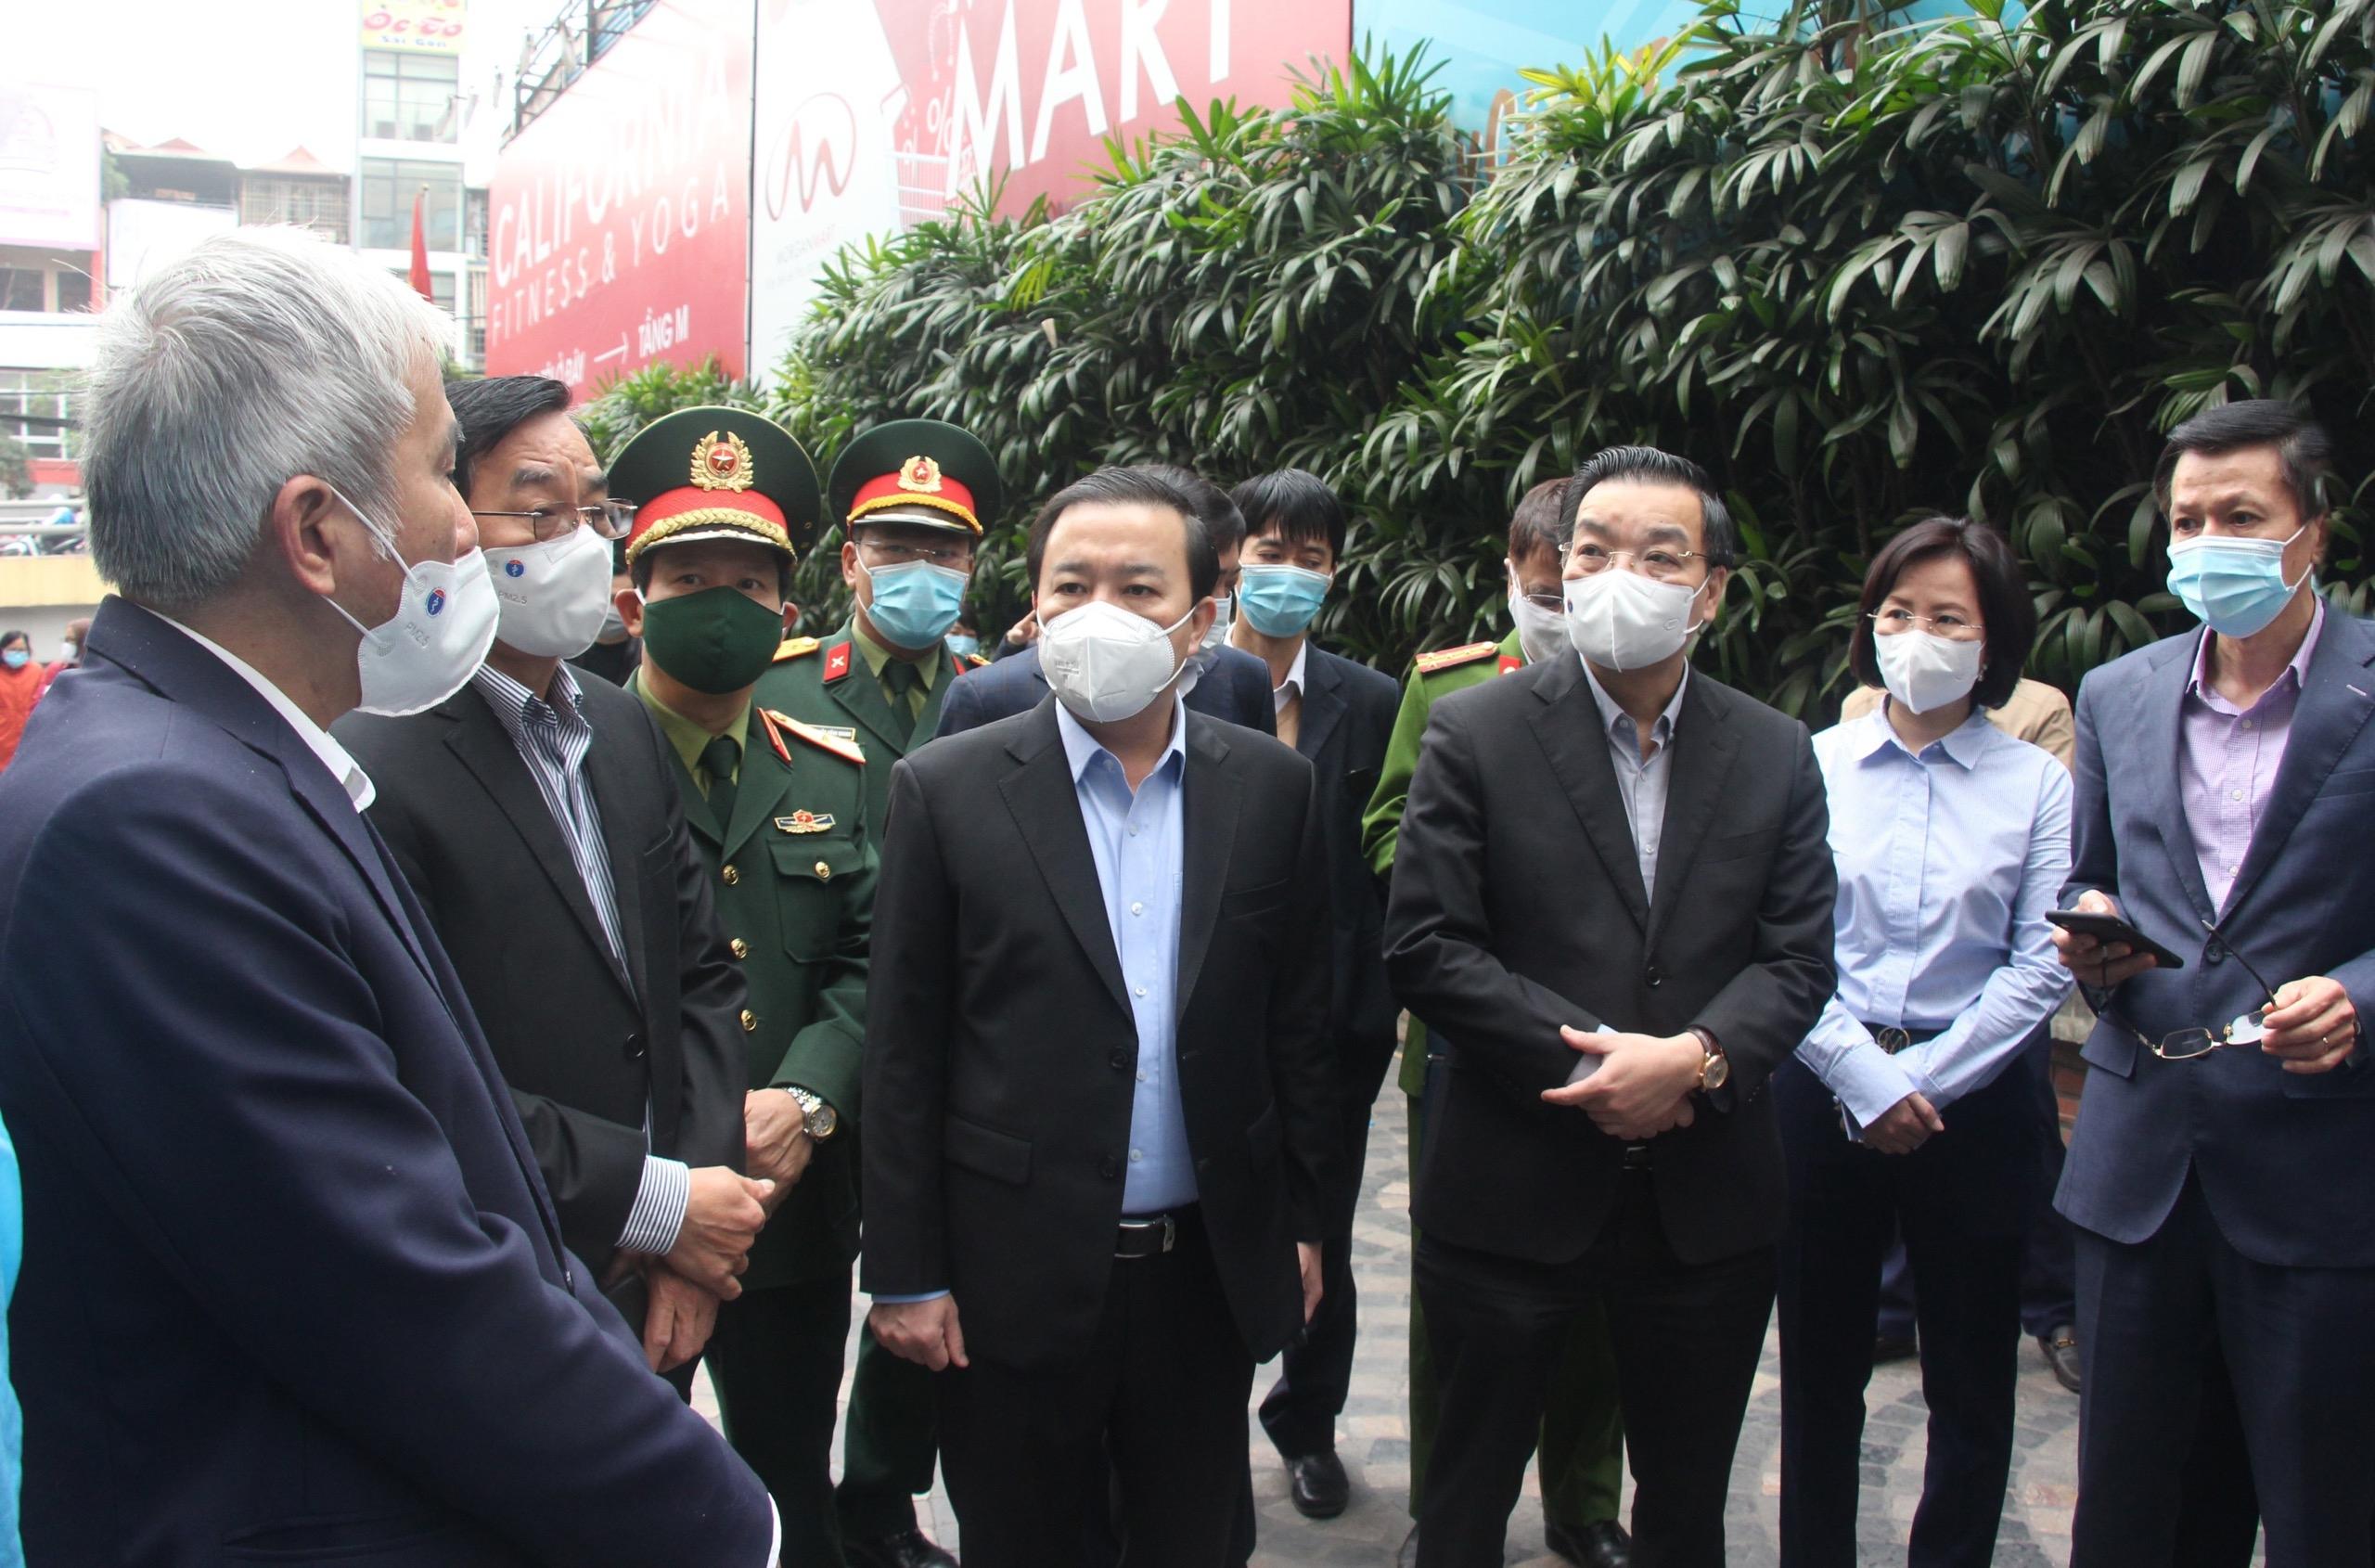 Chủ tịch Uỷ ban nhân dân thành phố Hà Nội kiểm tra công tác phòng chống dịch Covid-19